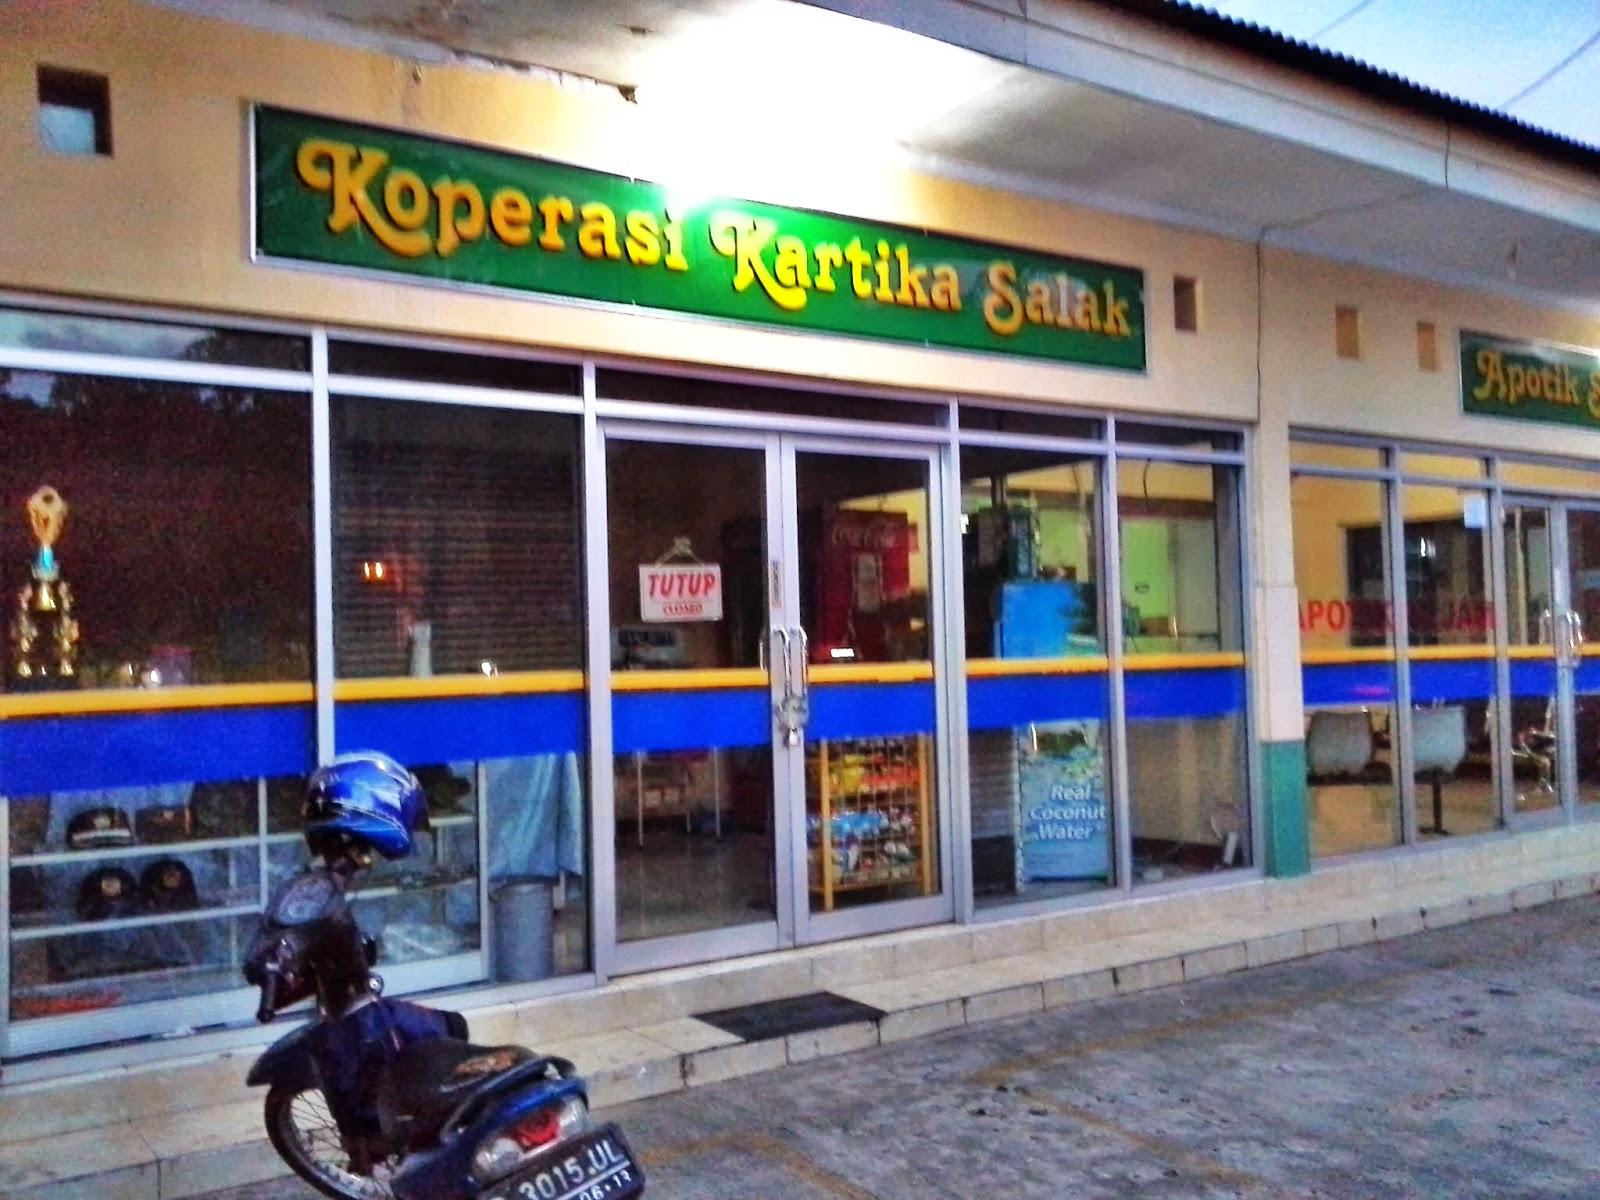 Ajeng Astika: Beberapa Koperasi Yang ada di Bogor dan Depok